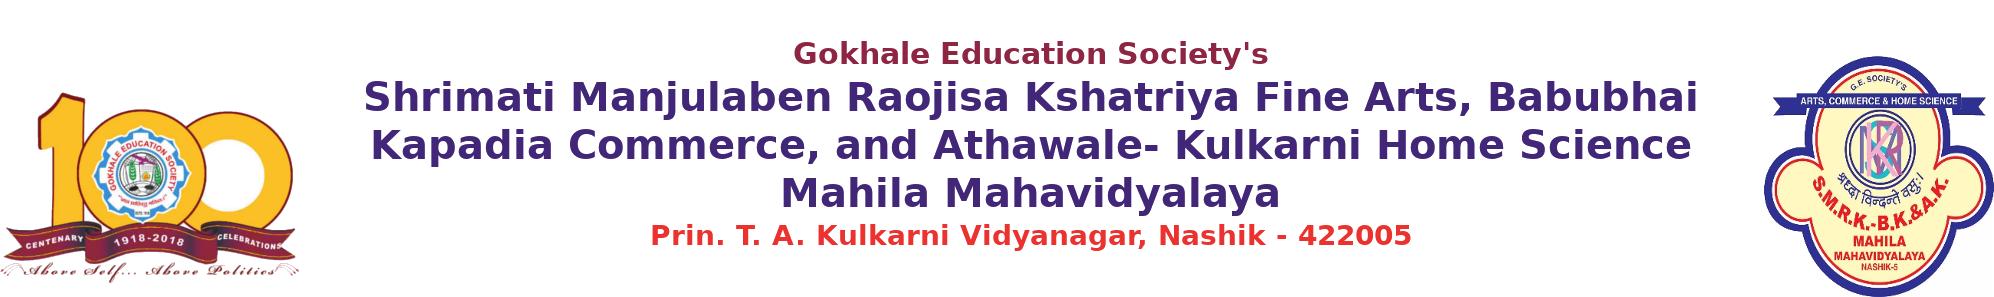 Logo for SMRK BK AK Library